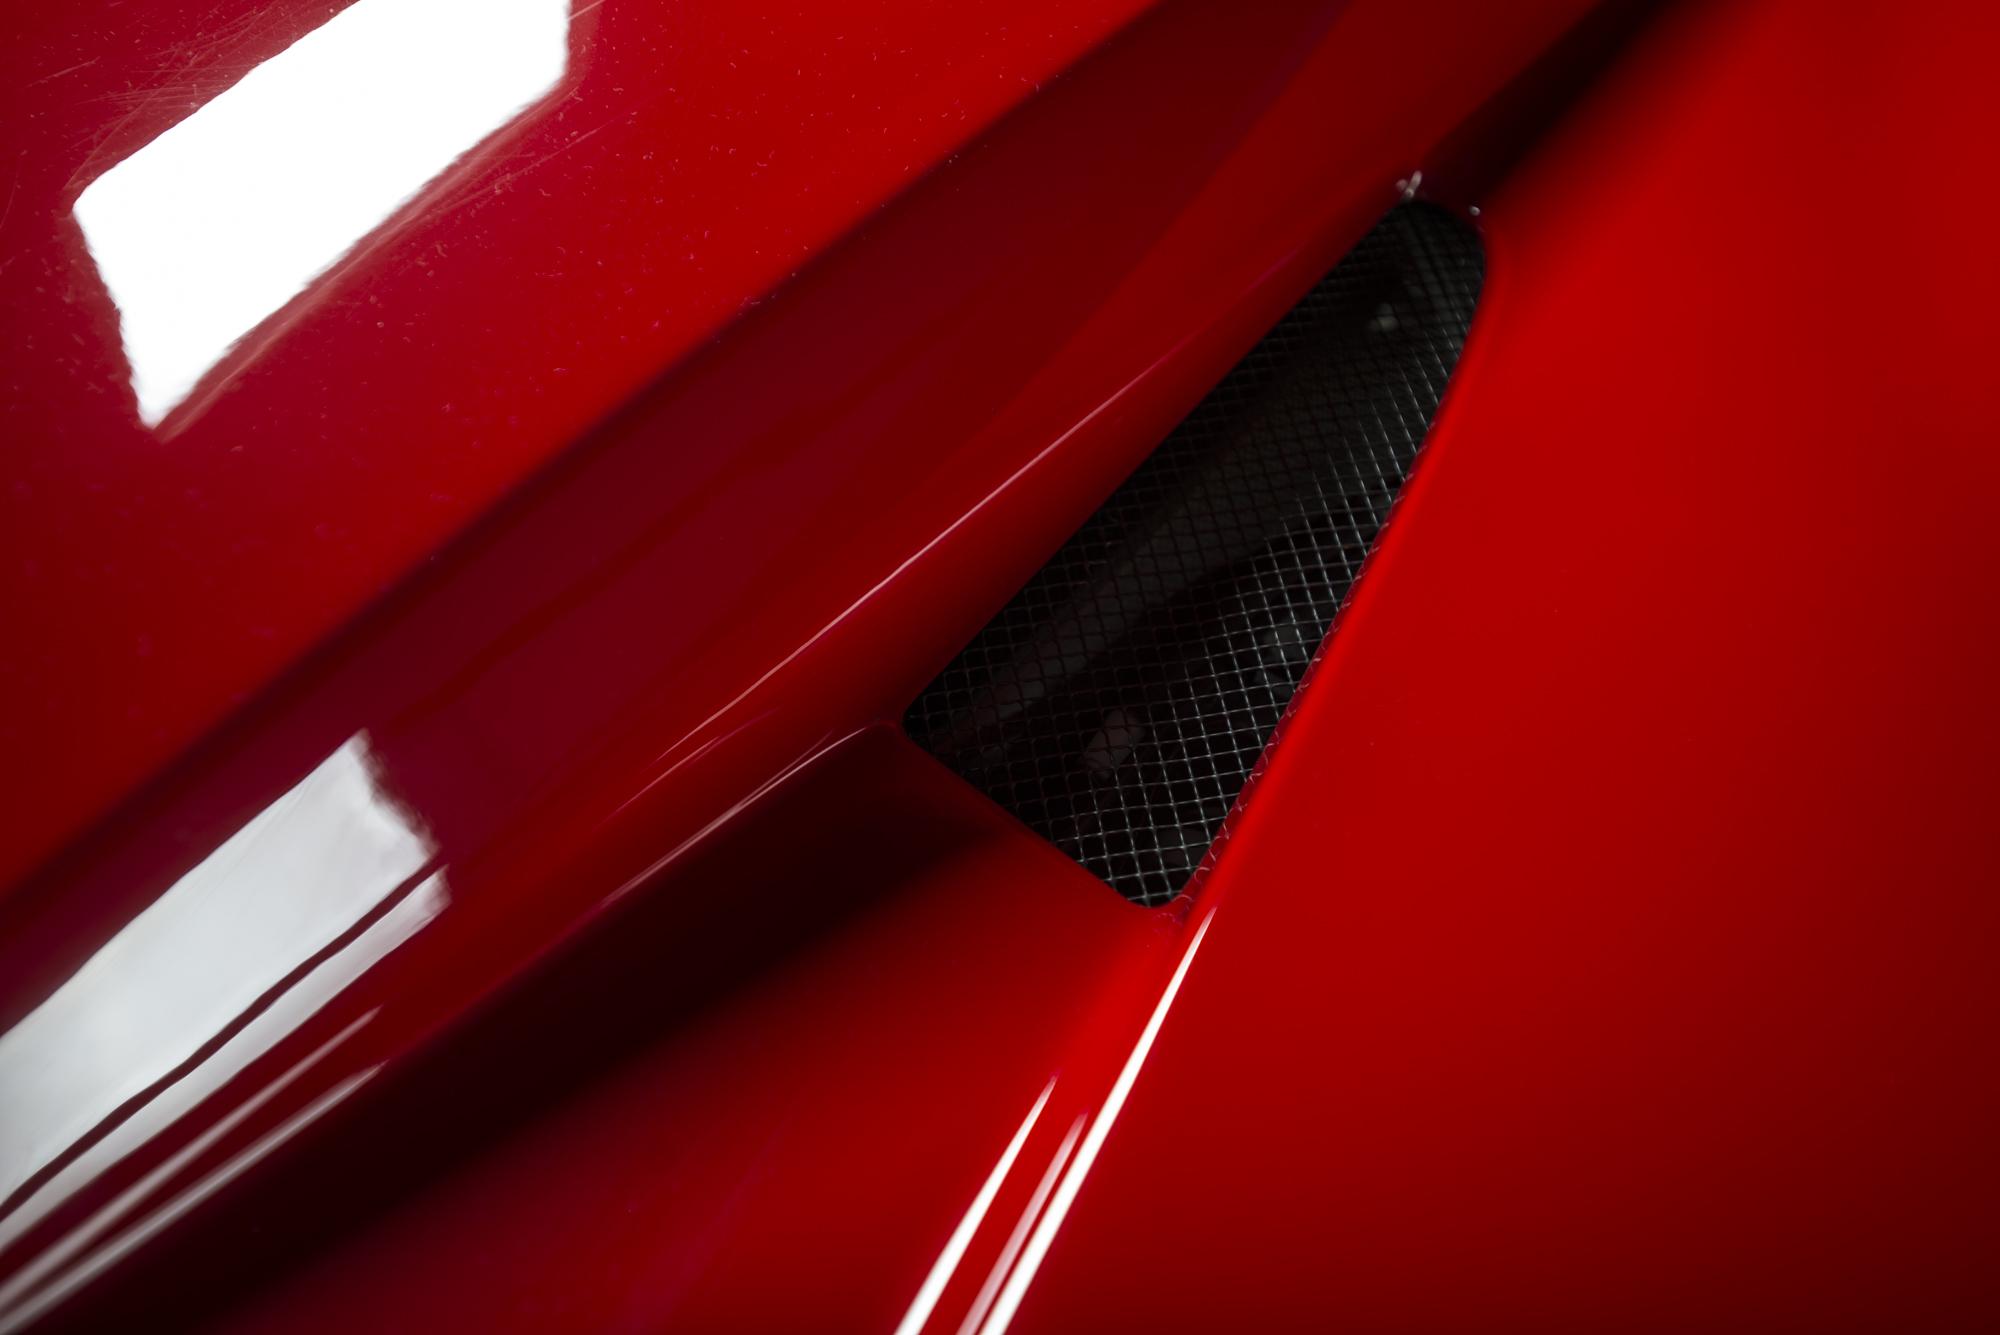 Ferrari Enzo Supercar